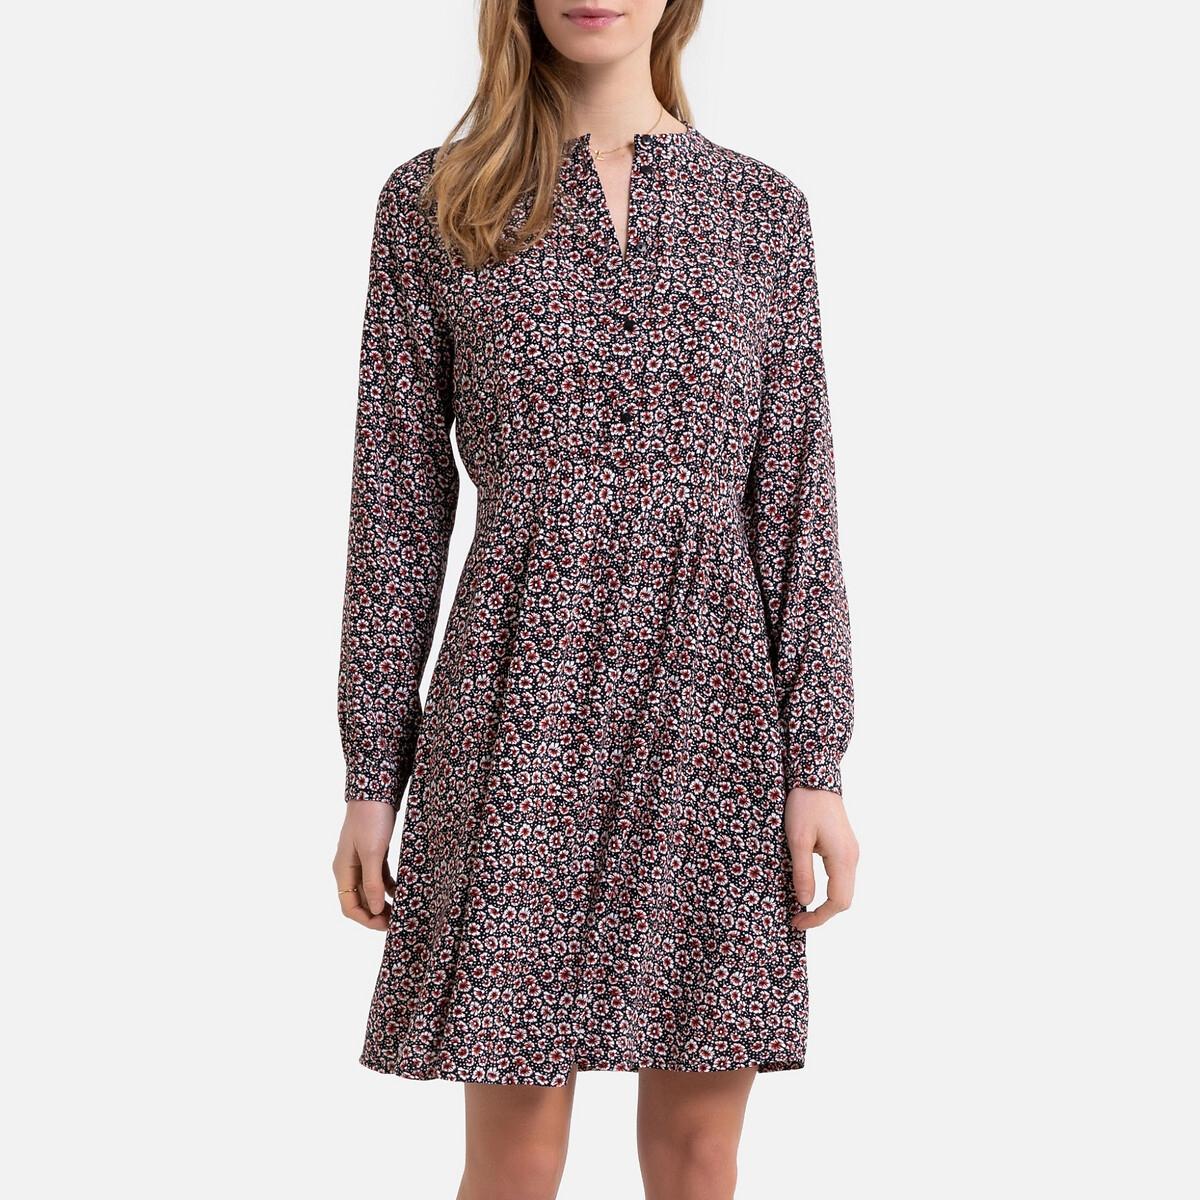 Платье-рубашка La Redoute С принтом воротник-стойка 40 (FR) - 46 (RUS) черный платье la redoute прямое с принтом до колен 48 fr 54 rus черный